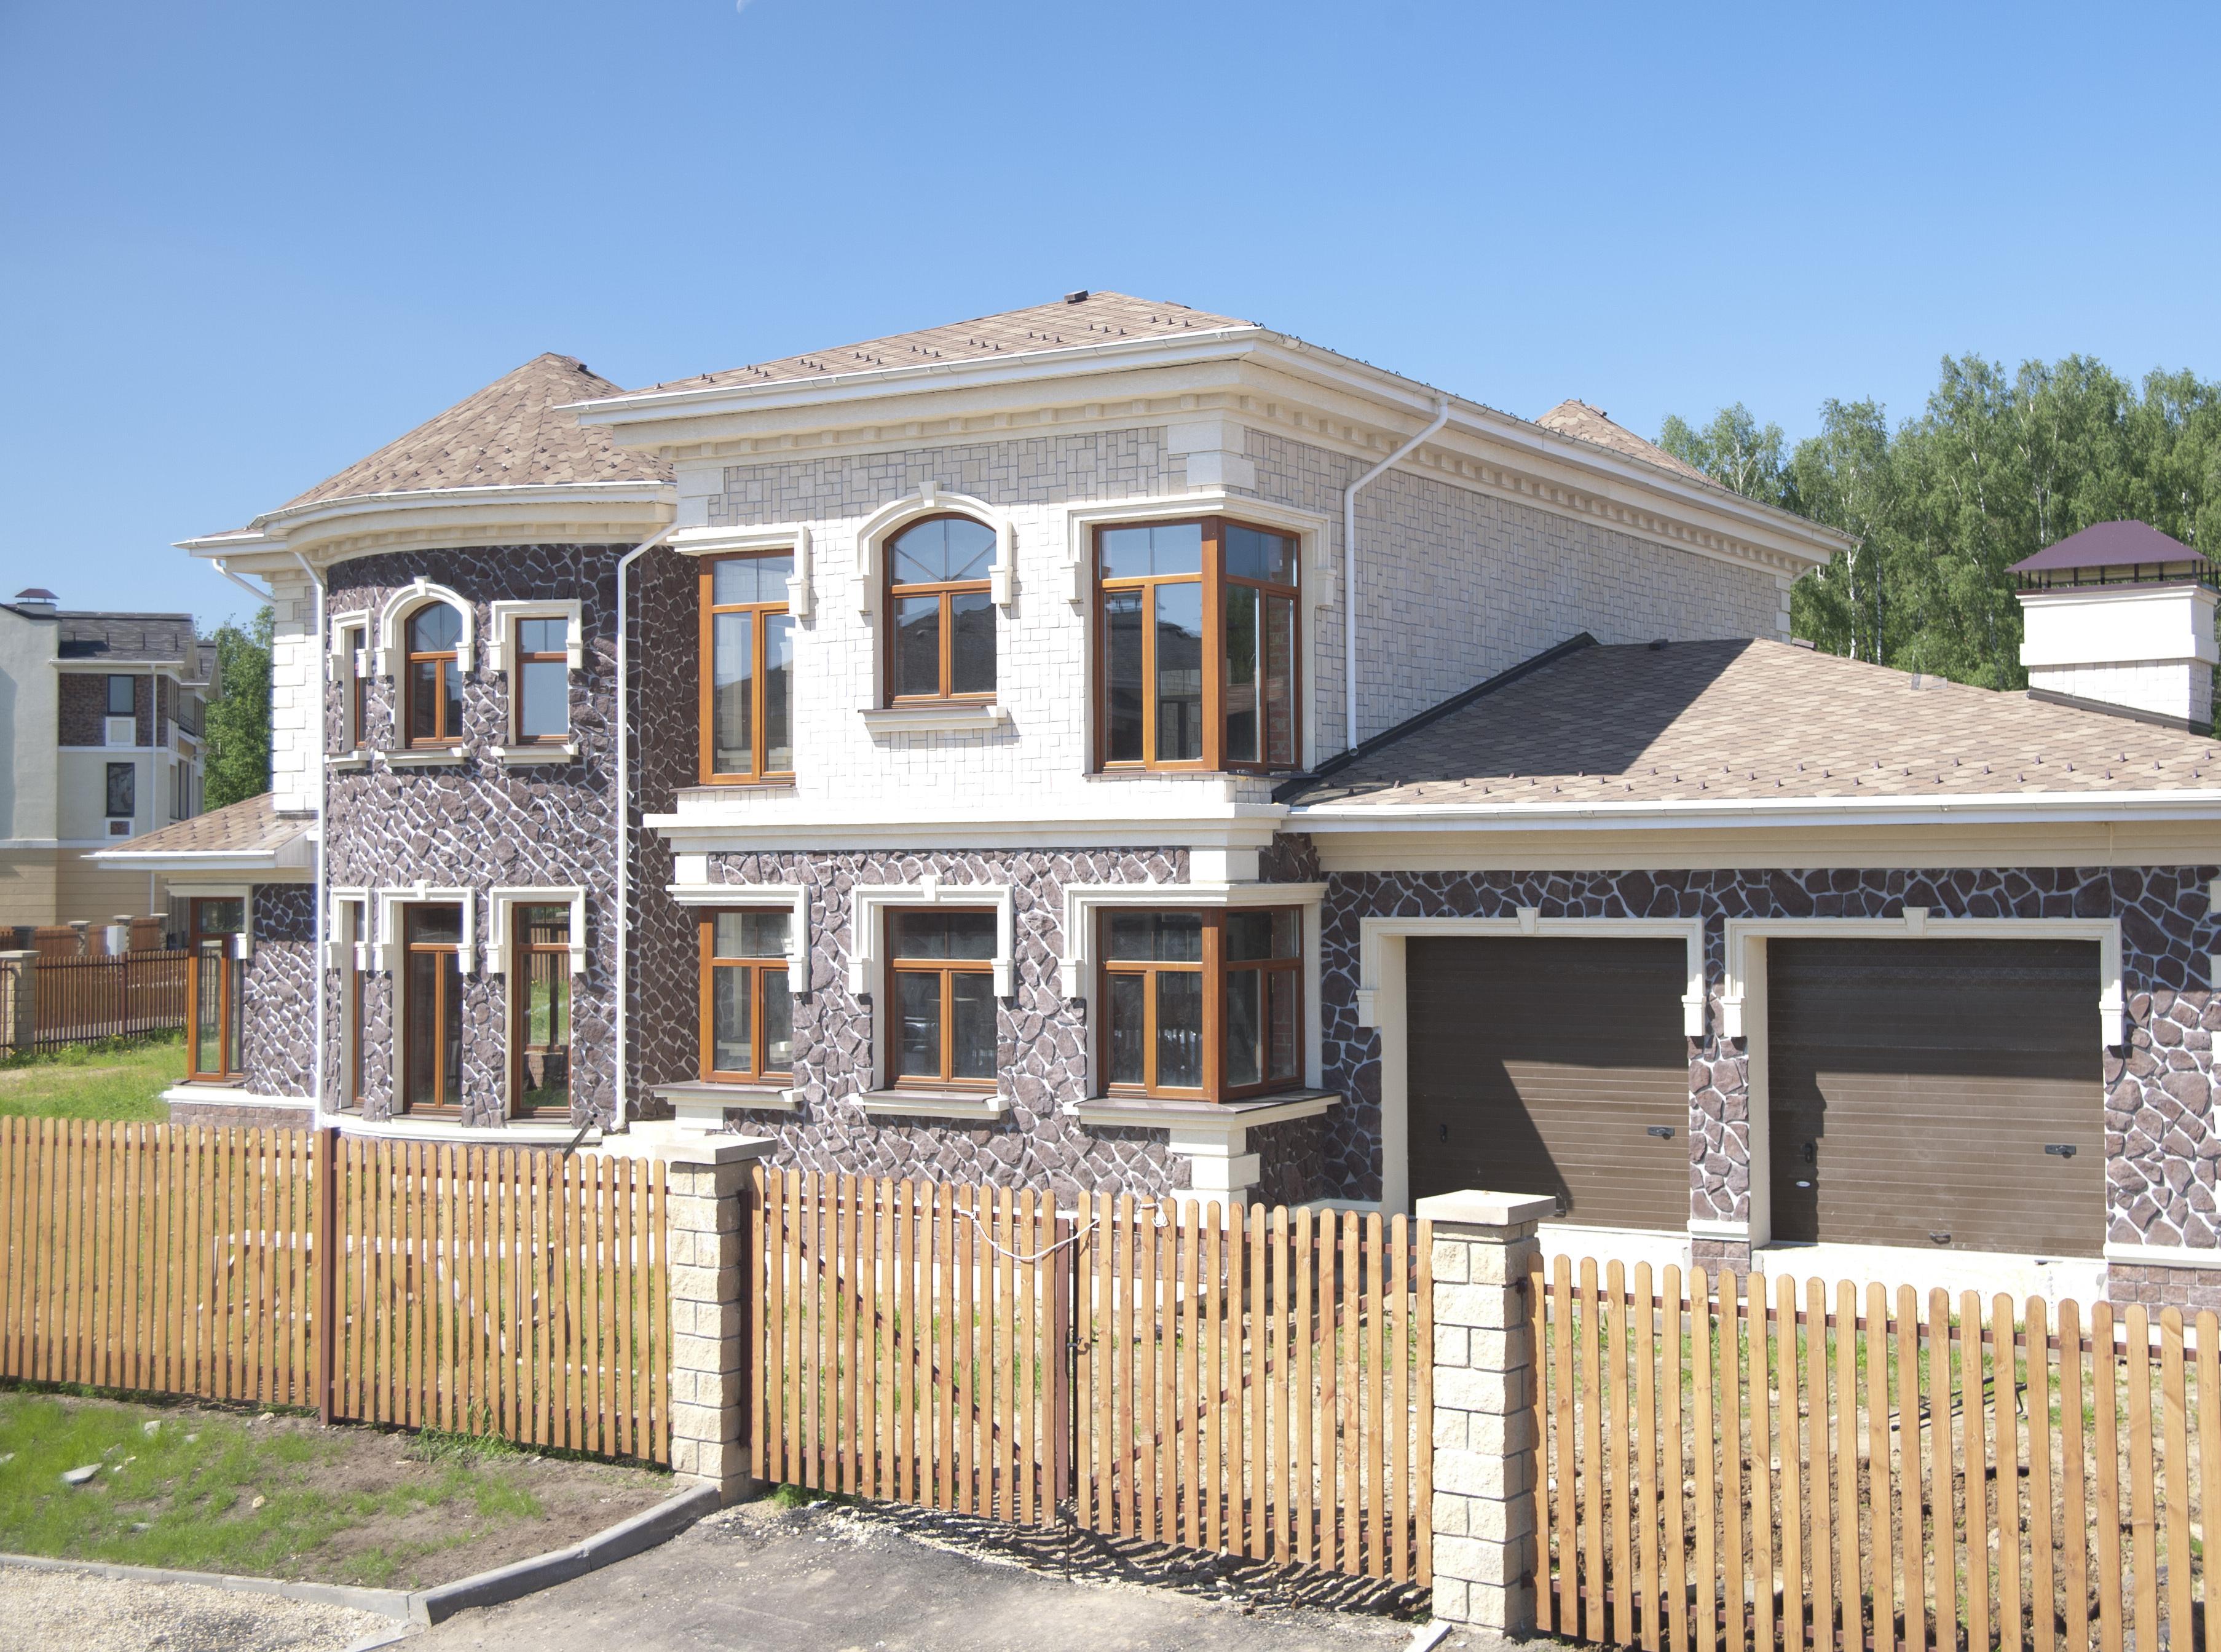 Региональный покупательский спрос как минимум в 3 раза превышает предложение современных коттеджных поселков